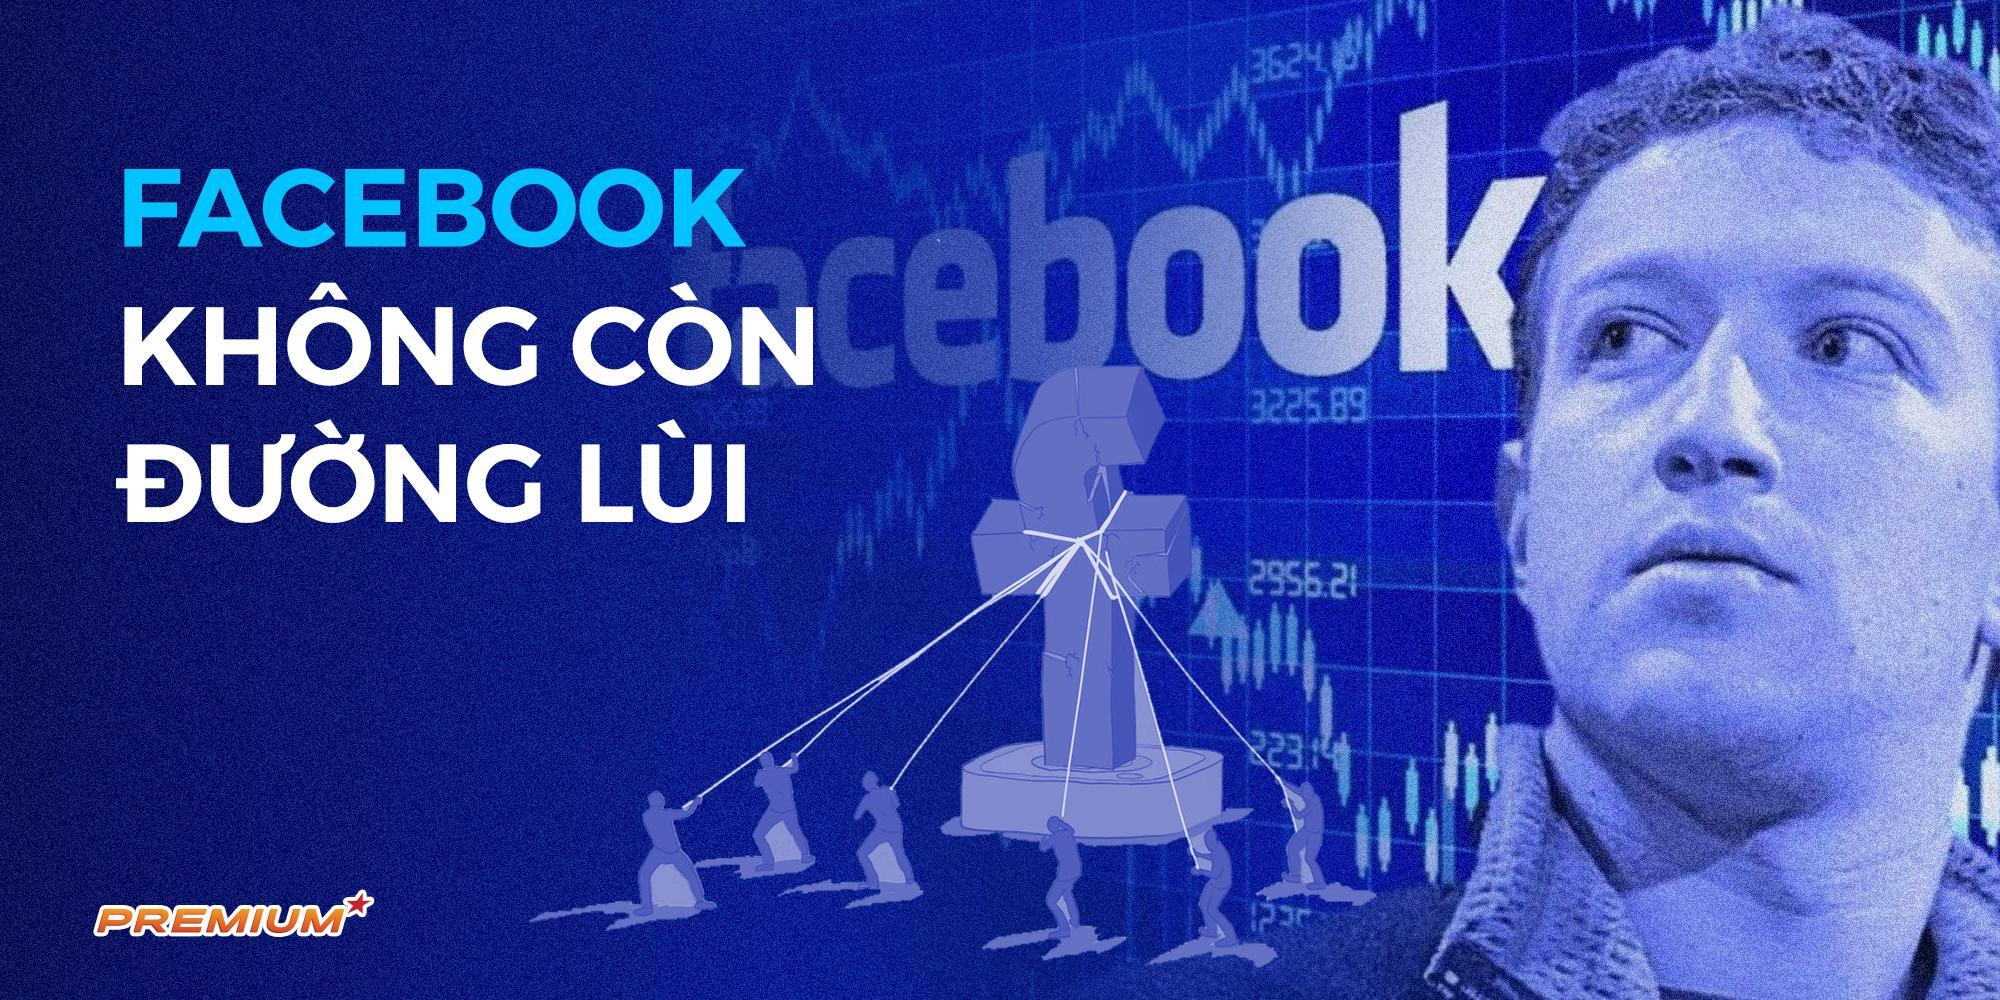 Facebook không còn đường lùi